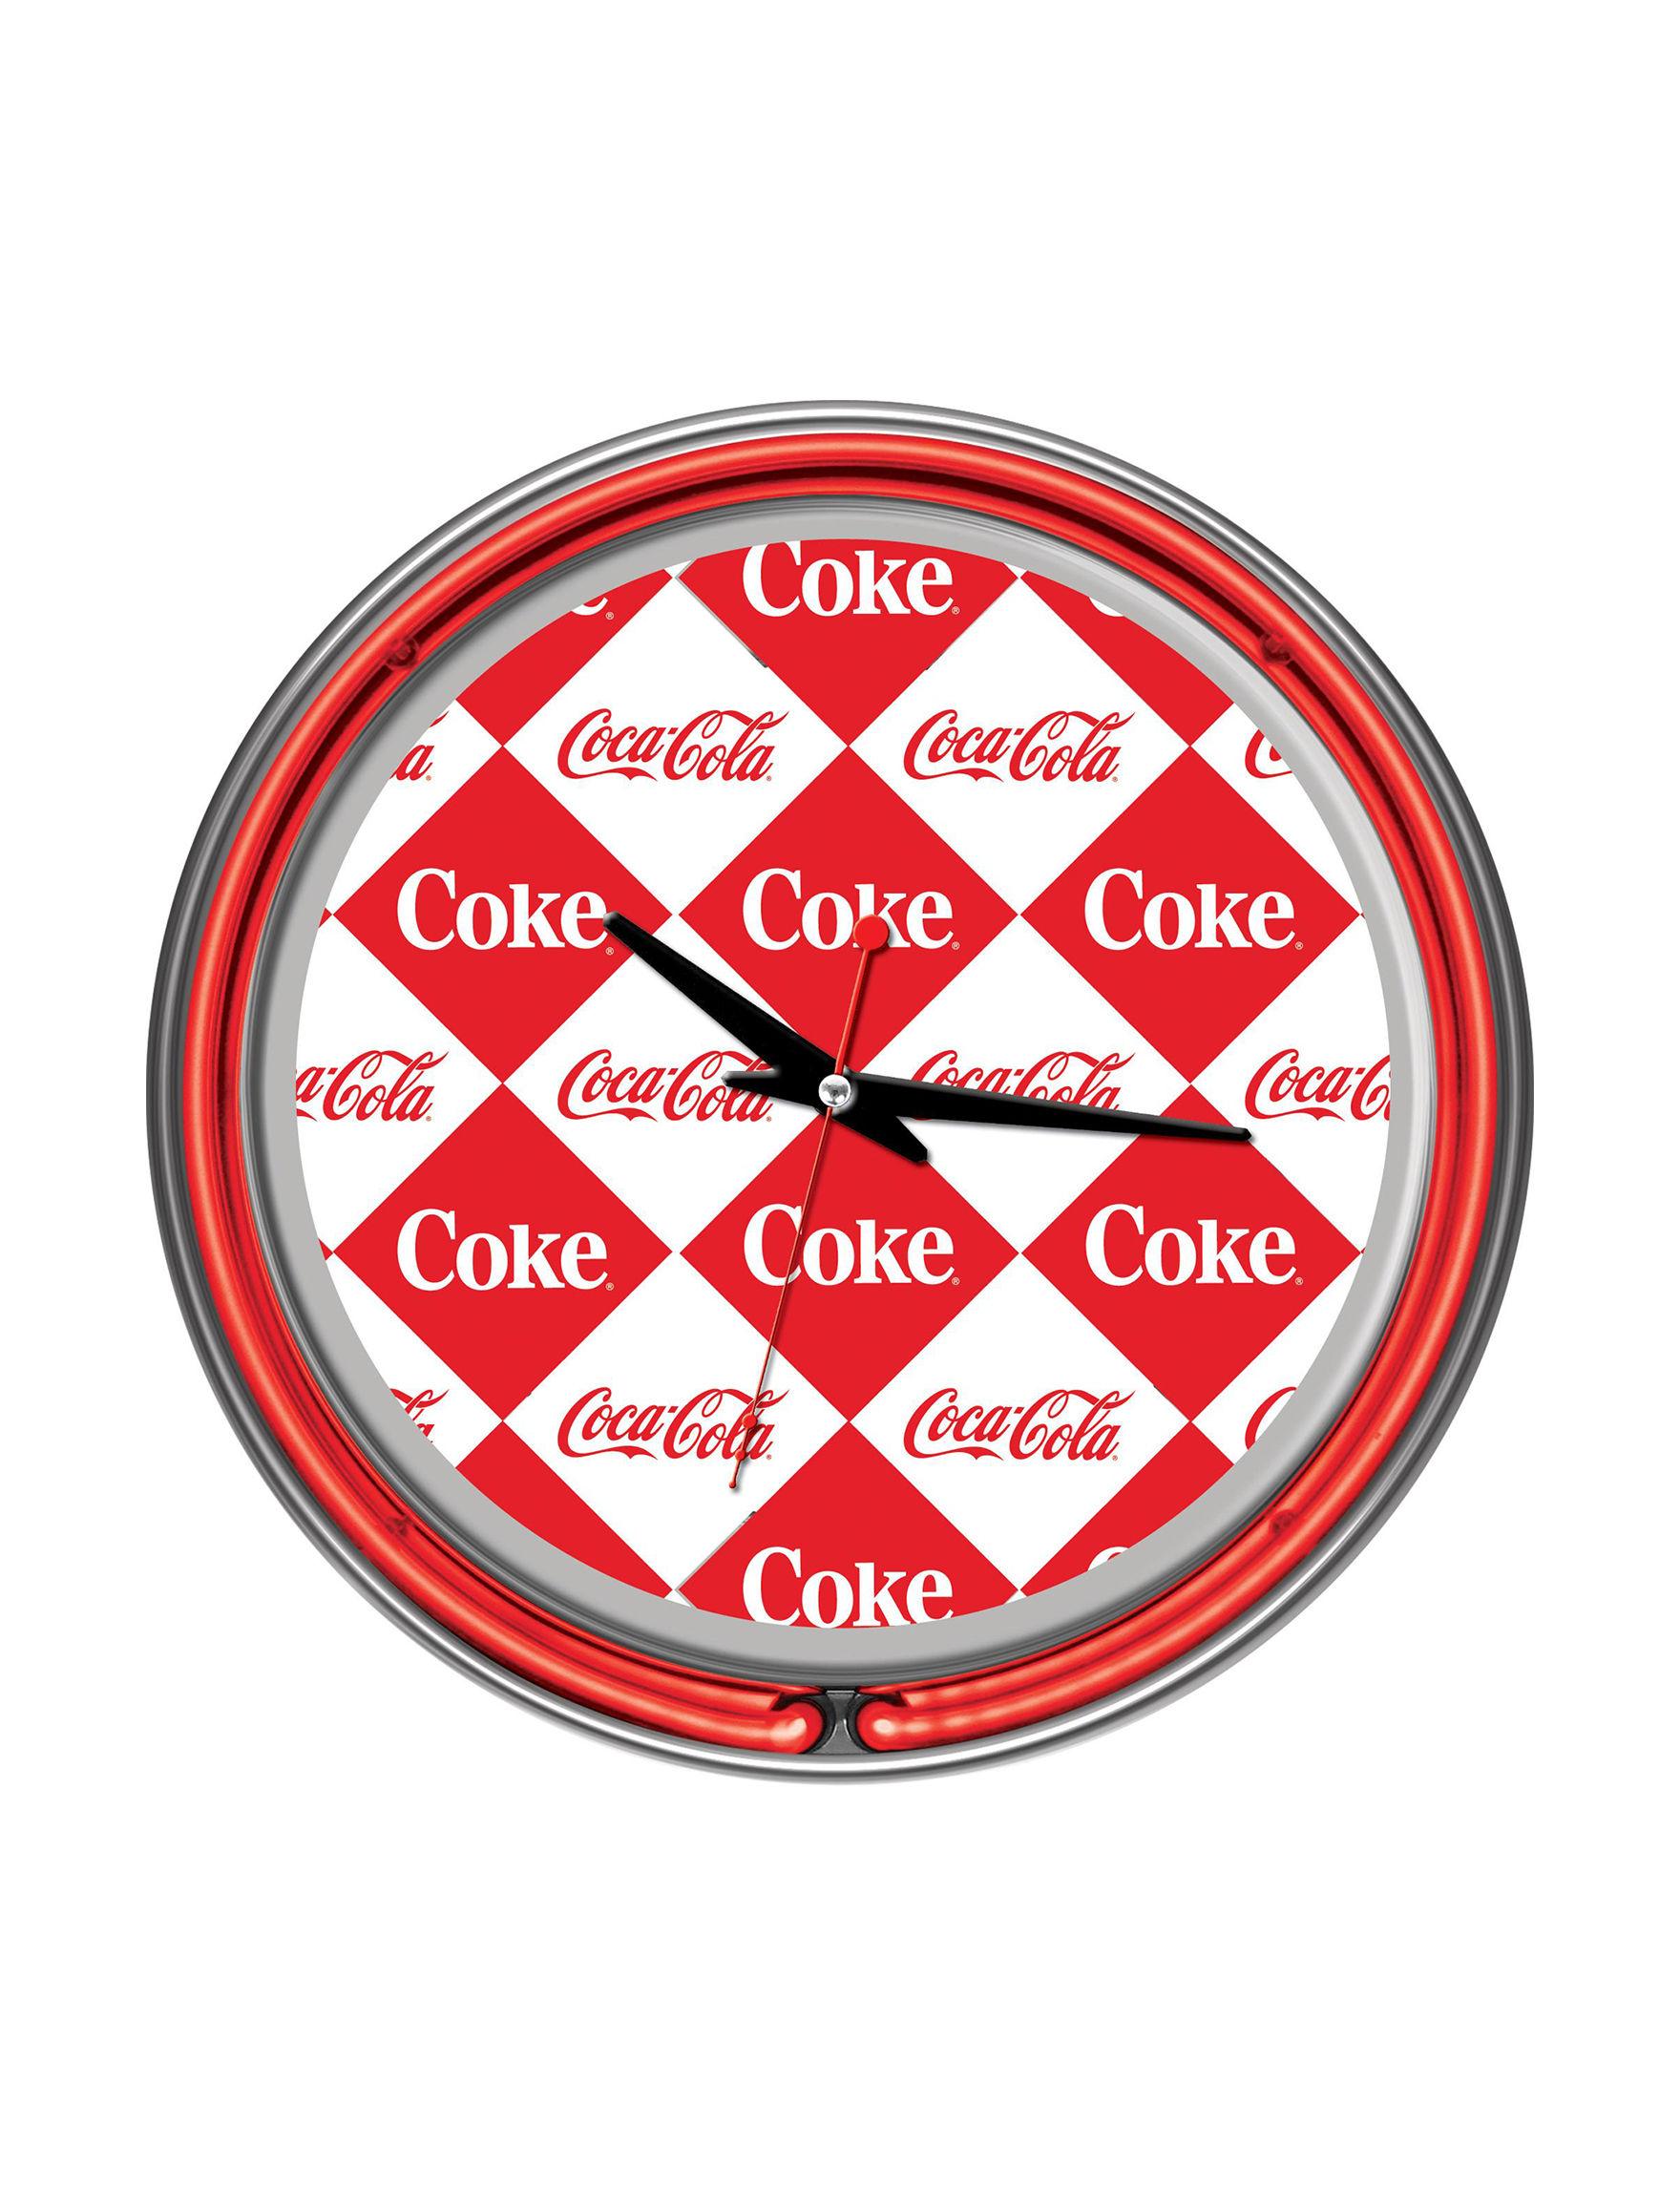 Coca Cola Red / White Wall Clocks Wall Decor